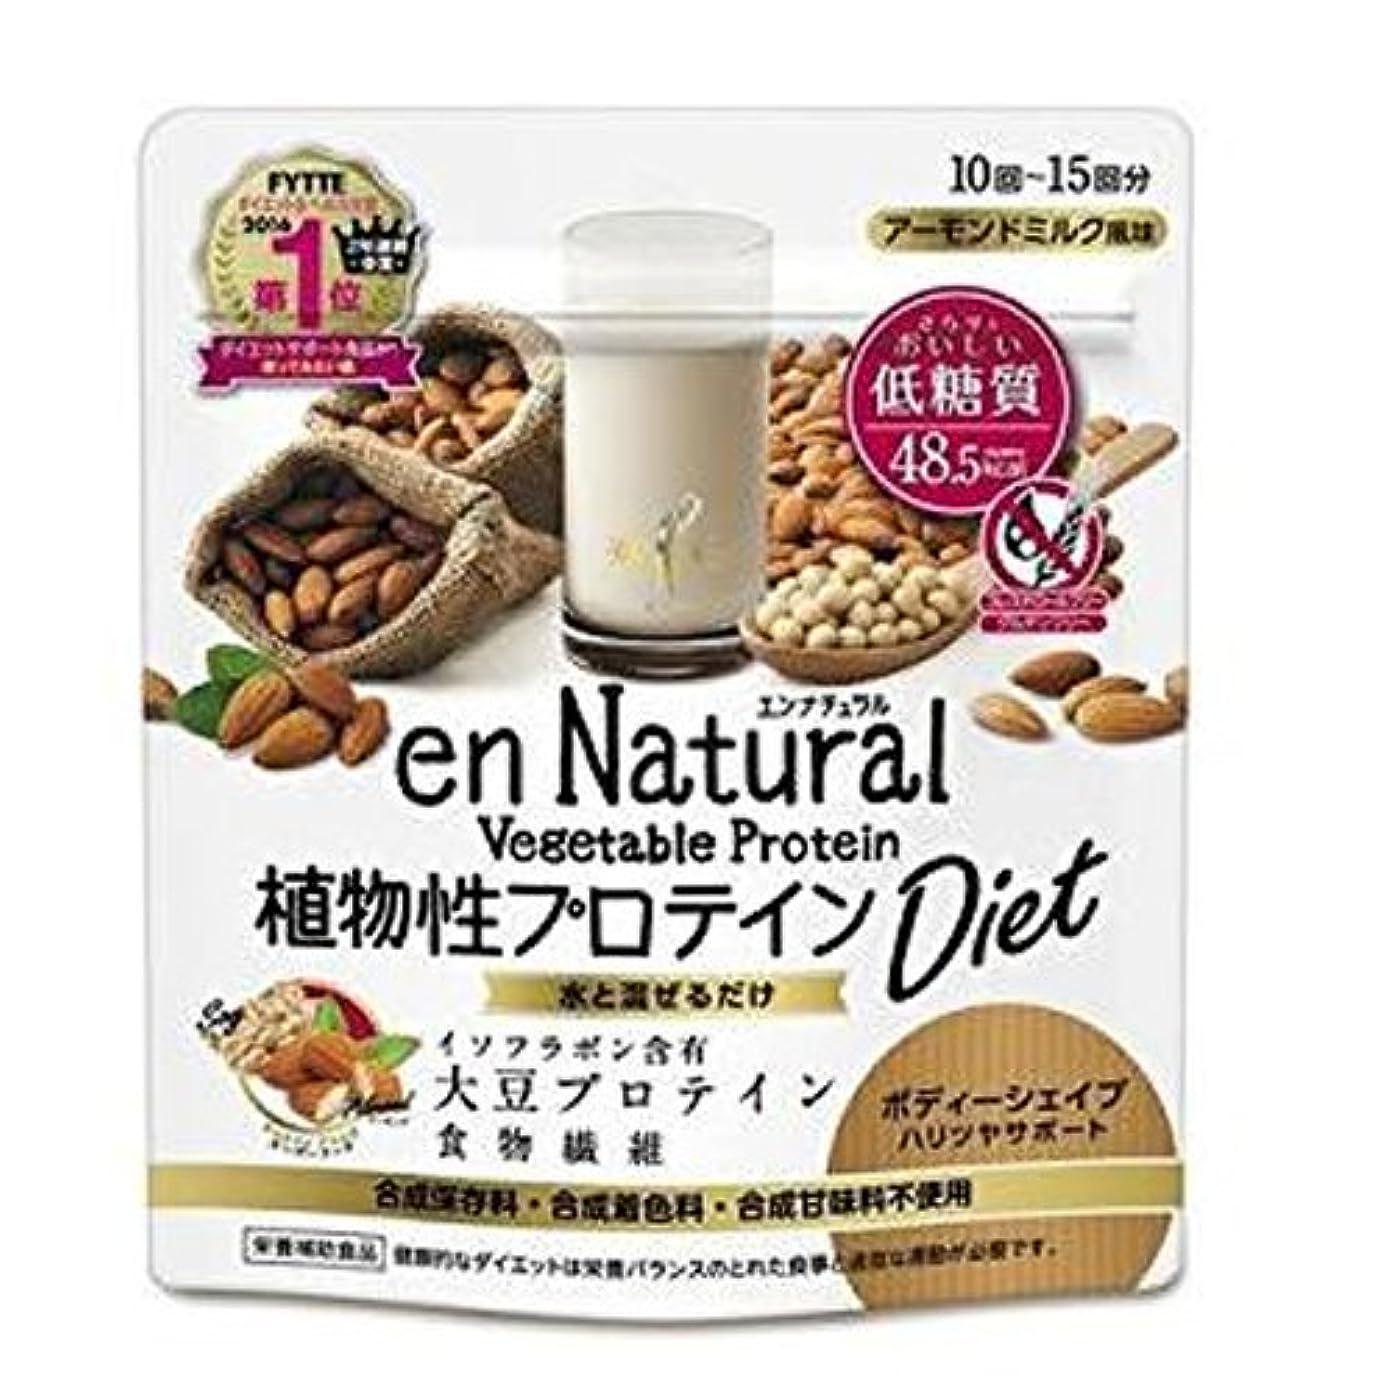 スリップシューズ通路気分が良いメタボリック エンナチュラル植物性プロテインダイエット 150g